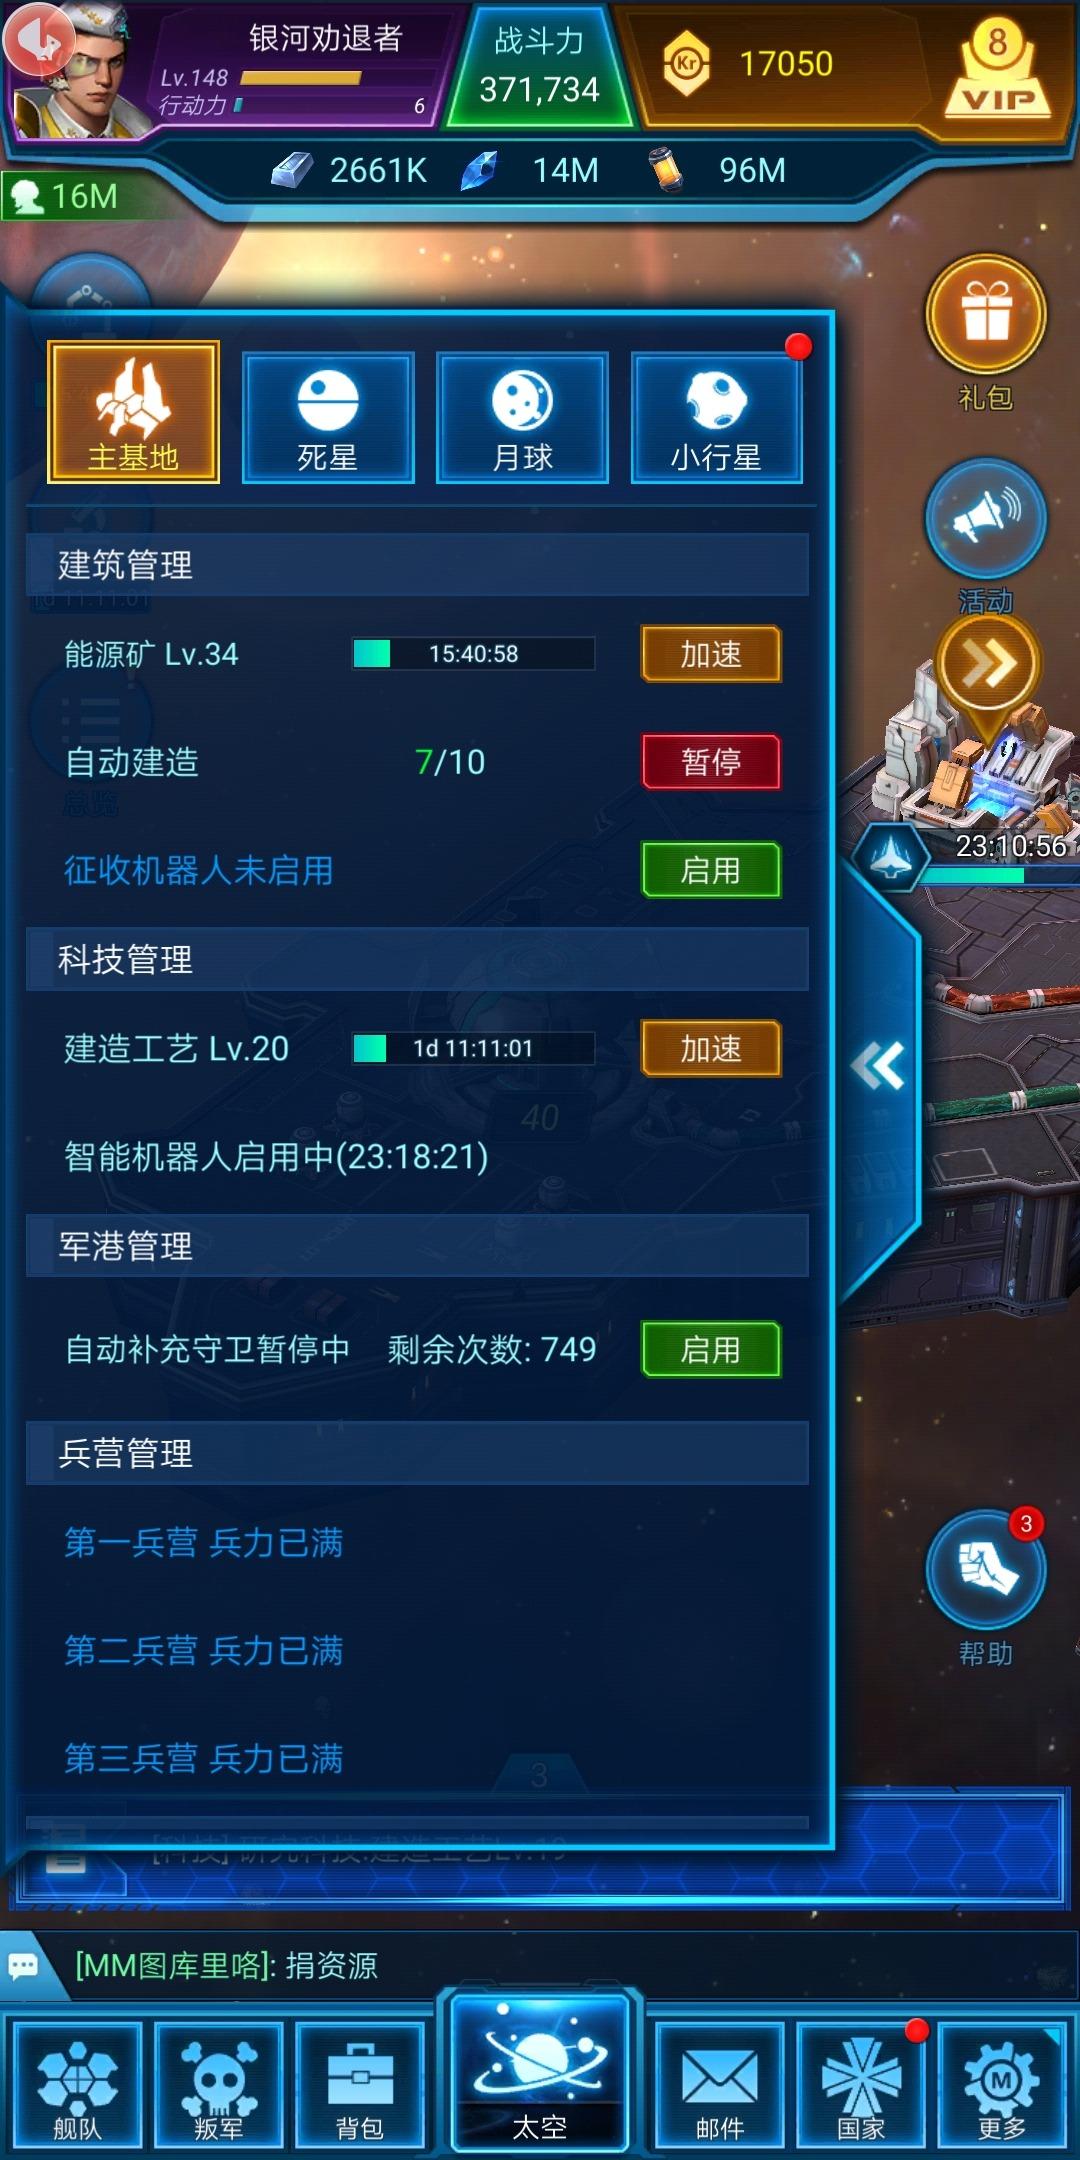 Screenshot_20190905_002933_com.tanwan.mobile.yhzjs.jpg